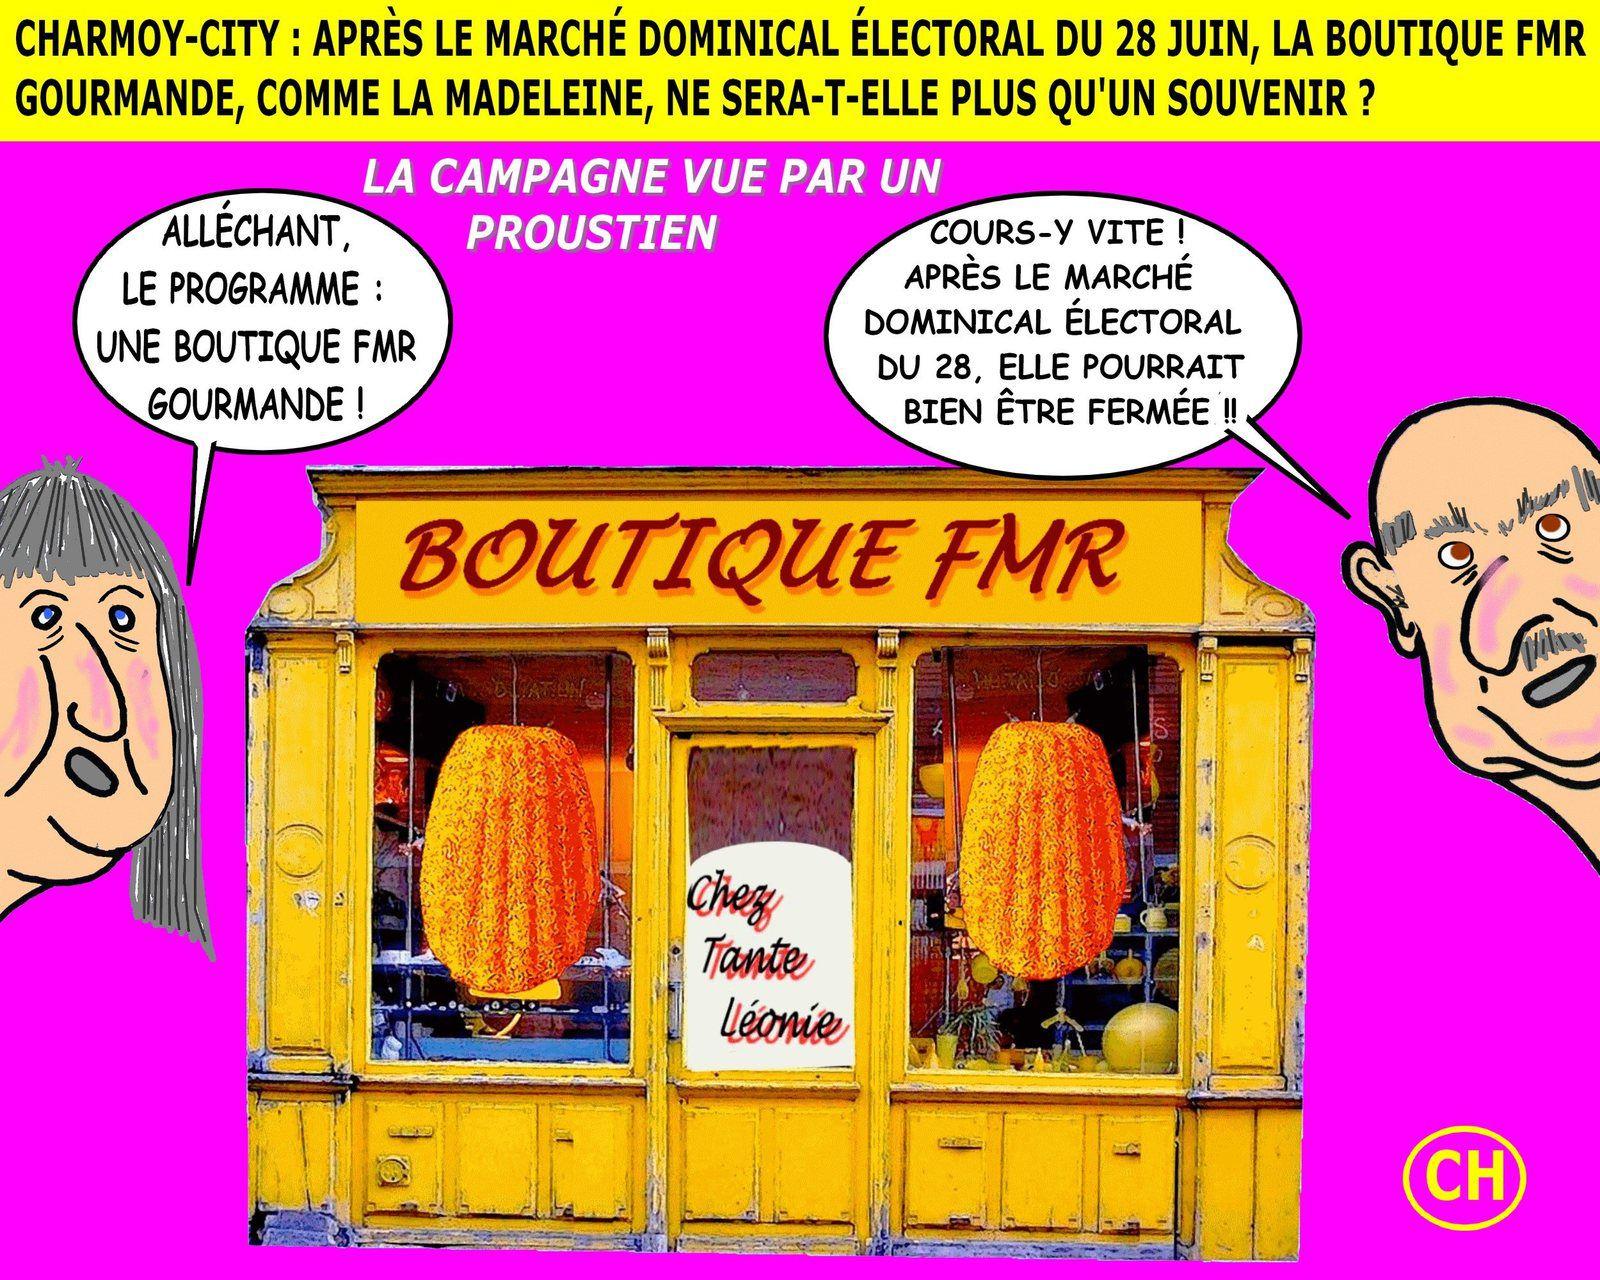 Charmoy-City, une boutique FMR gourmande dans la campagne.jpg